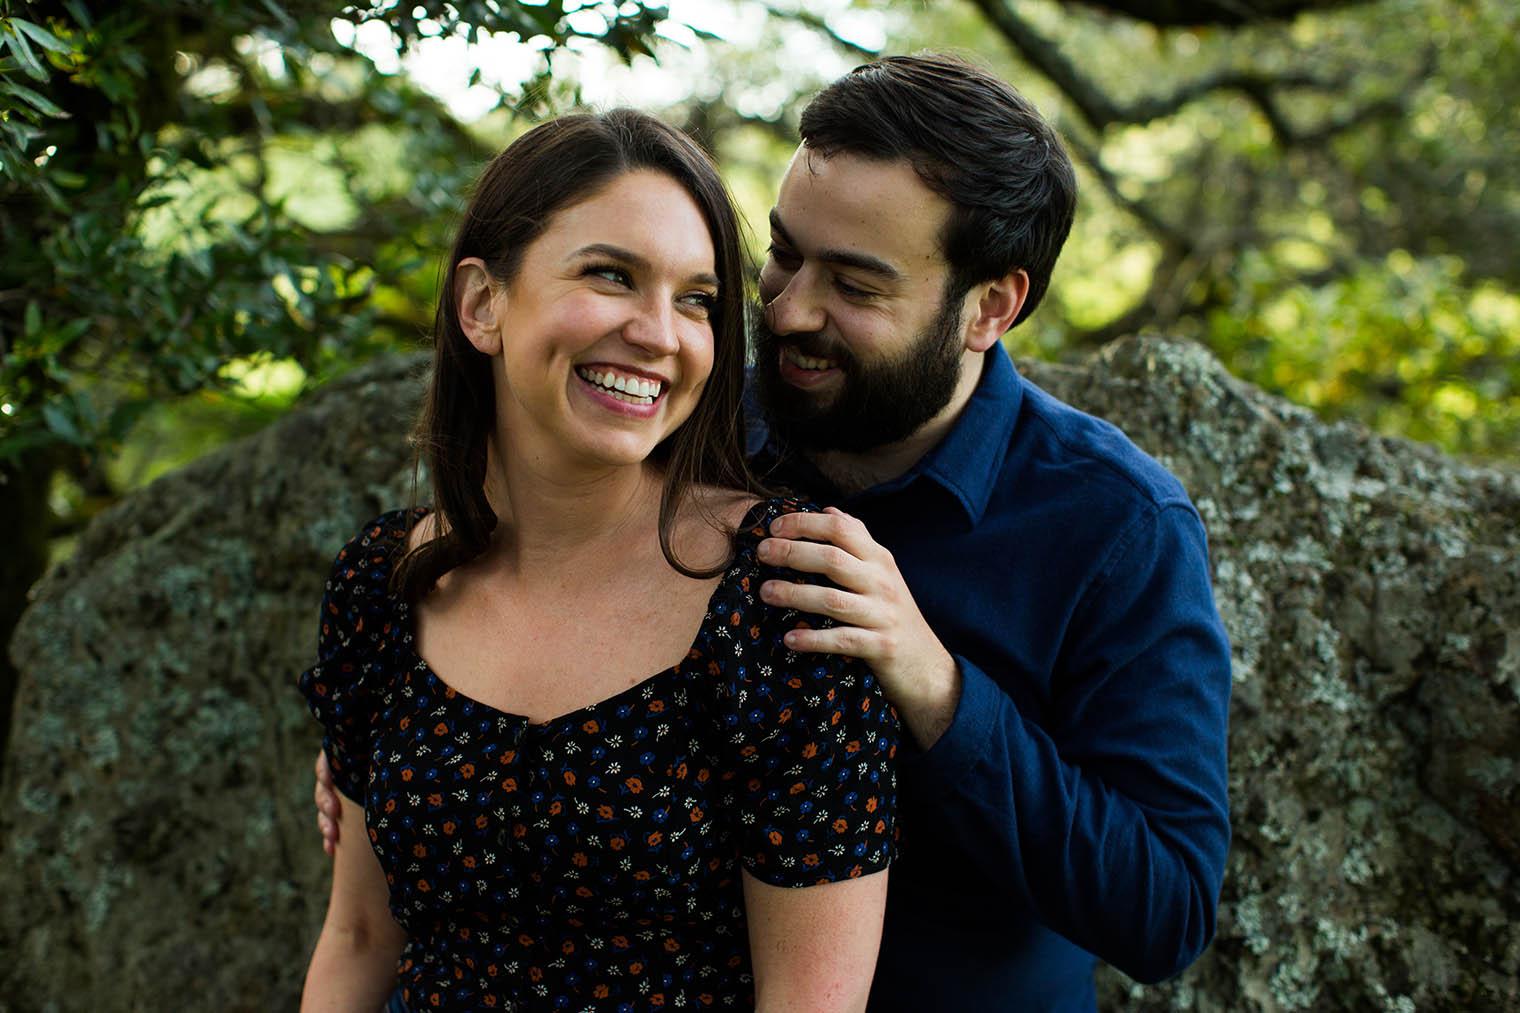 Mount Tamalpais Park Engagement Photos